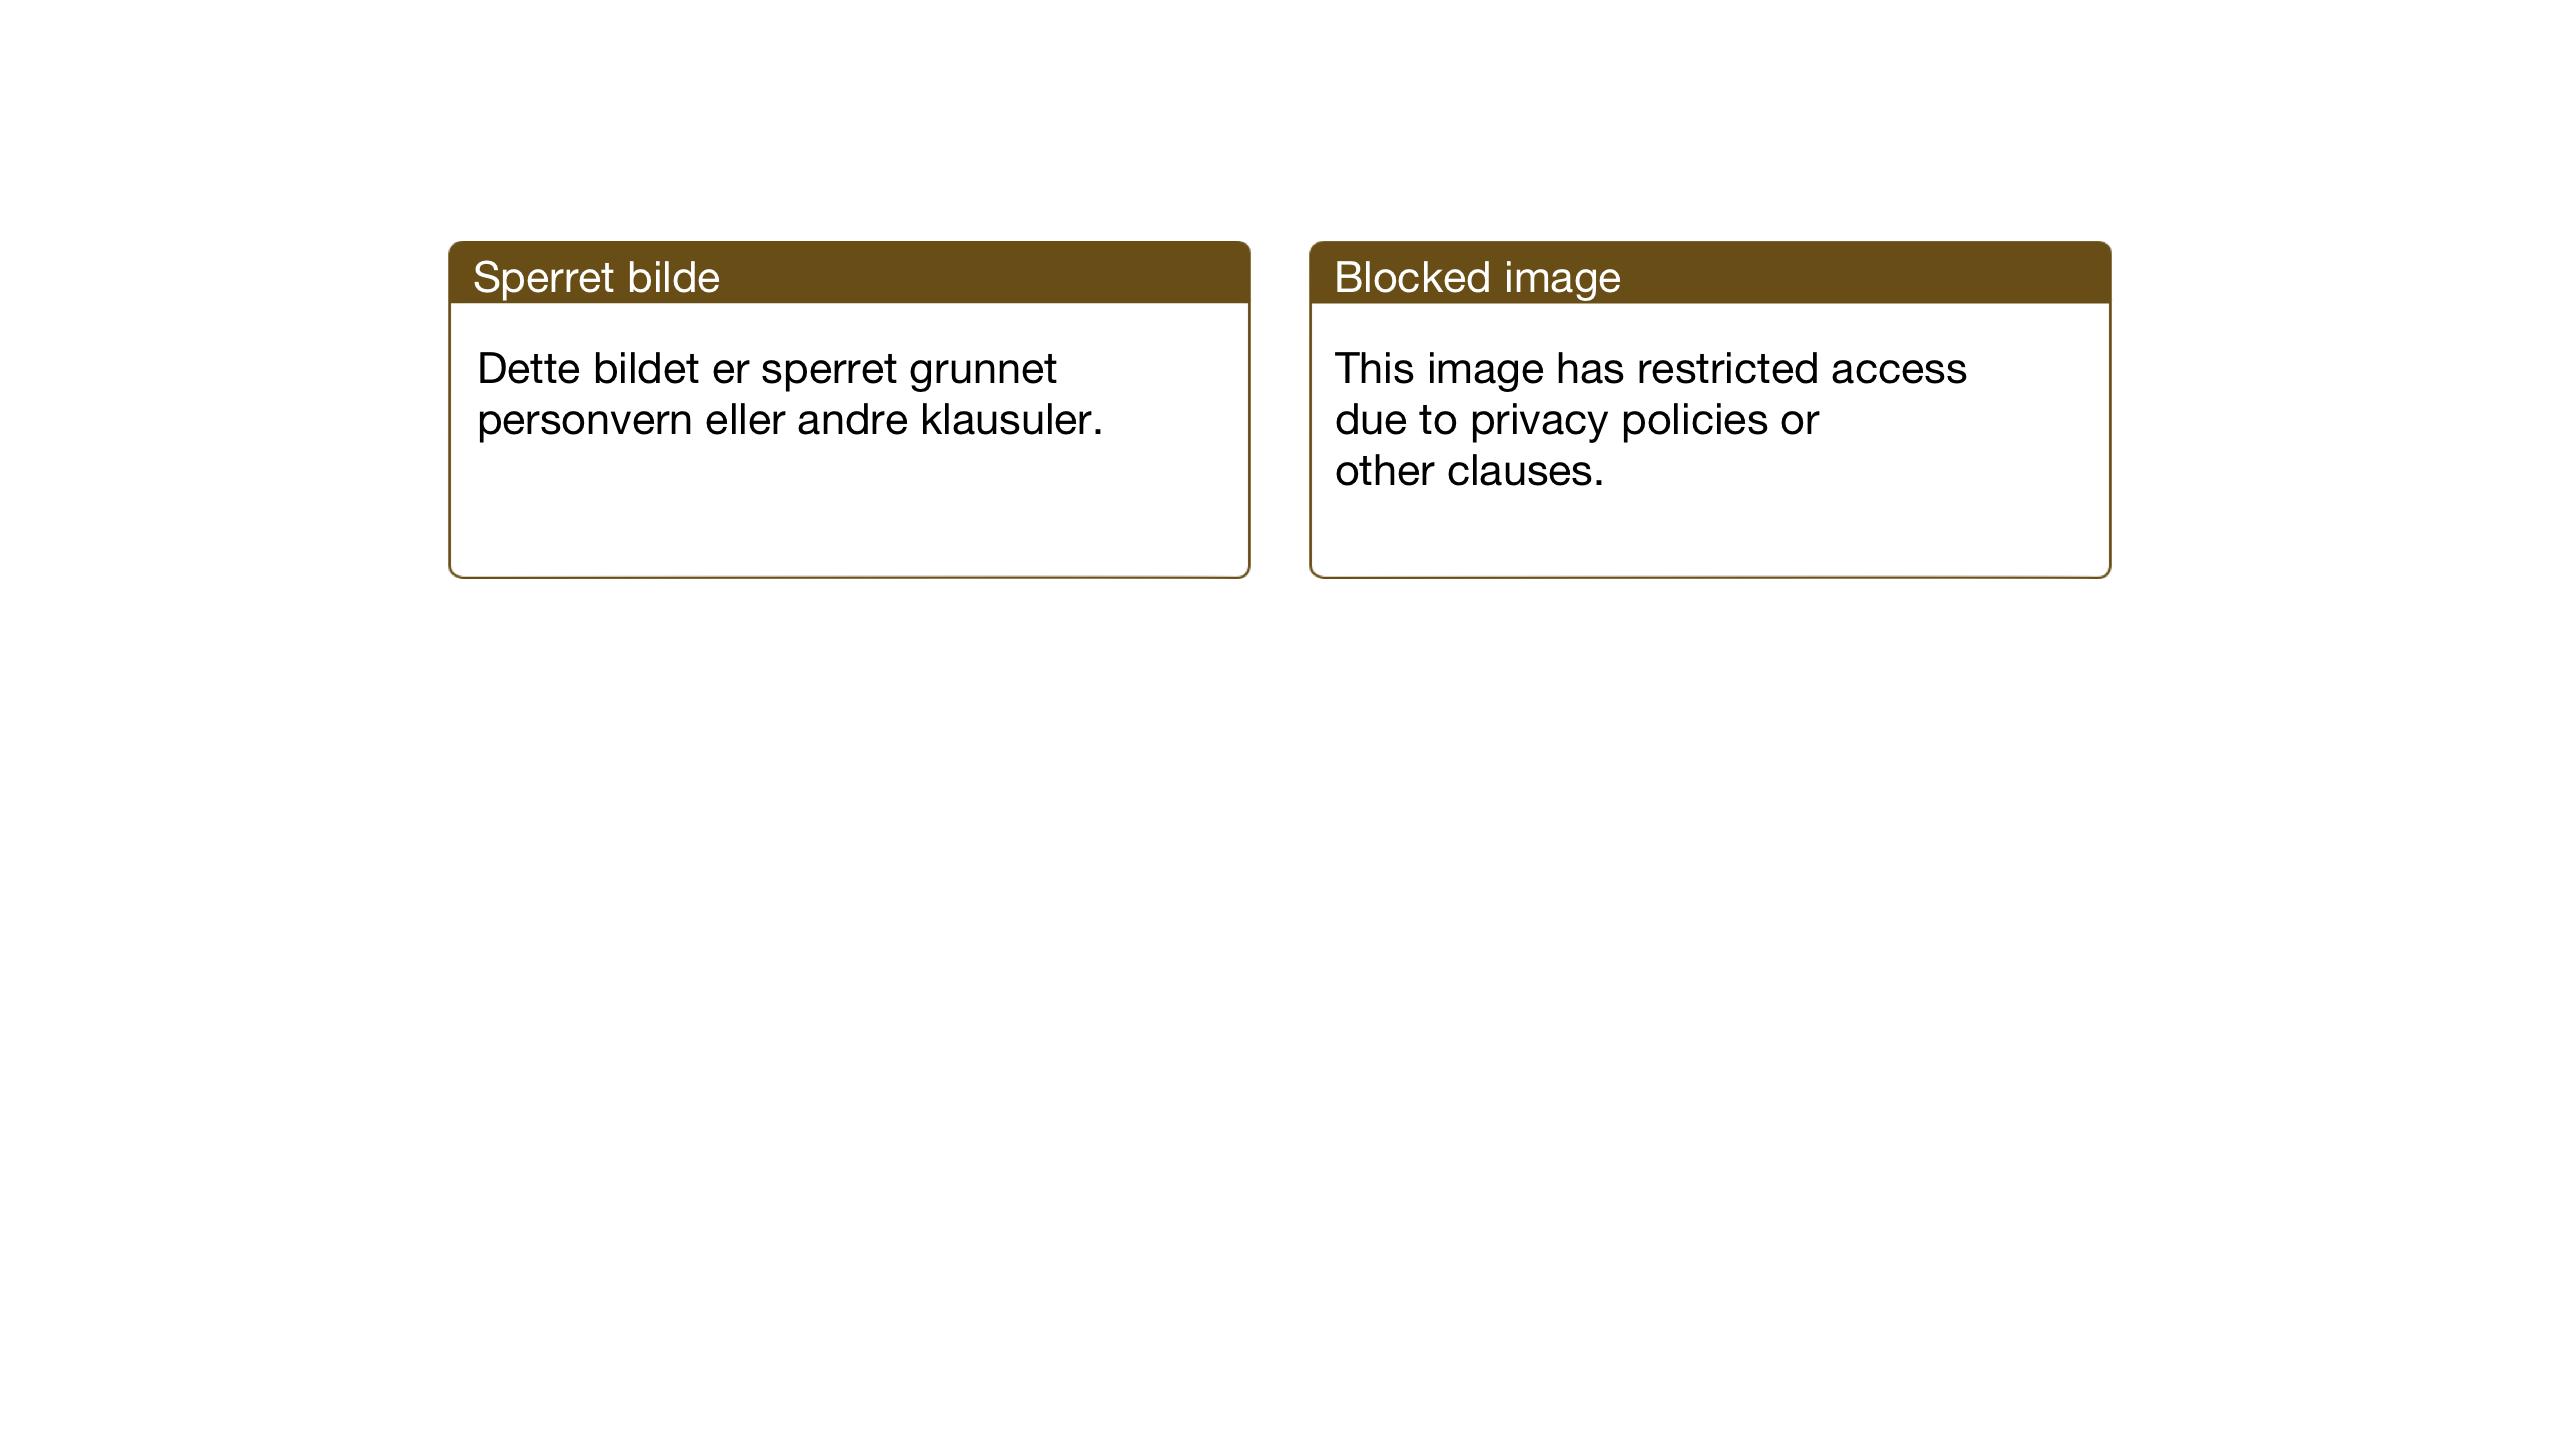 SAT, Ministerialprotokoller, klokkerbøker og fødselsregistre - Nord-Trøndelag, 746/L0456: Klokkerbok nr. 746C02, 1936-1948, s. 76